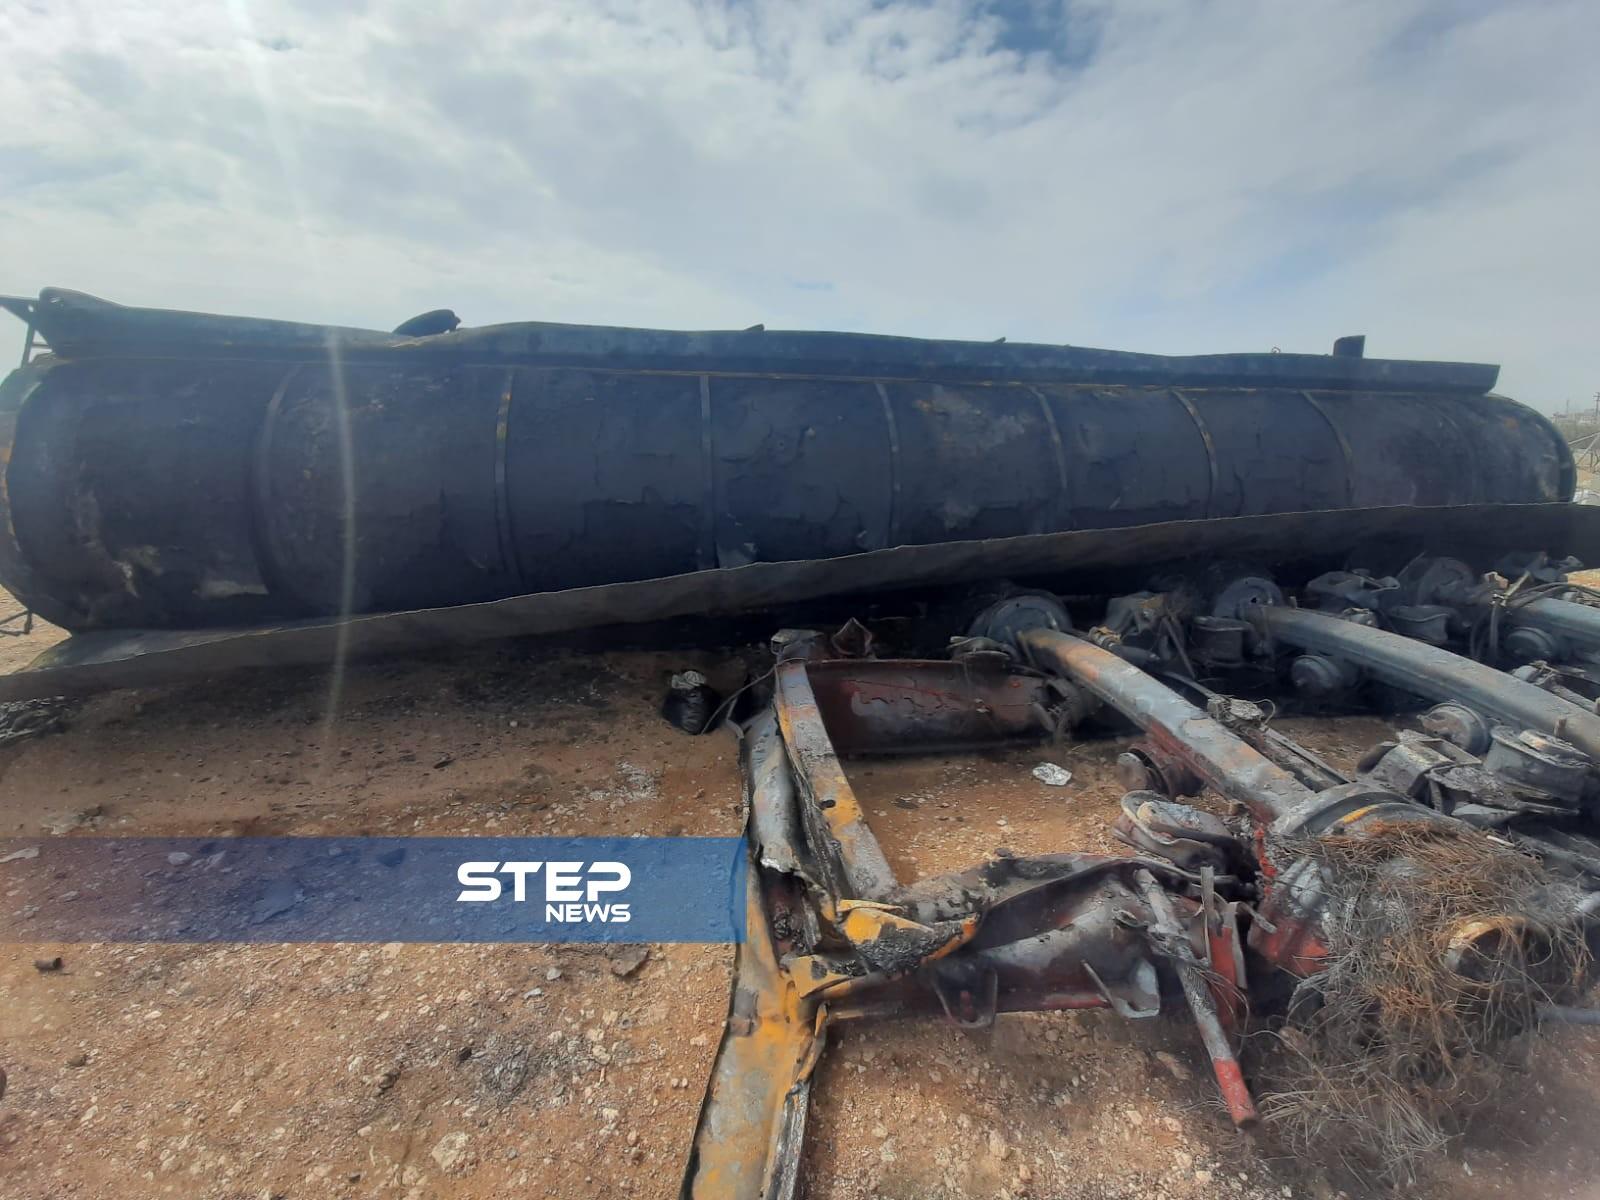 أحد صهاريج النفط المحترق نتيجة القصف